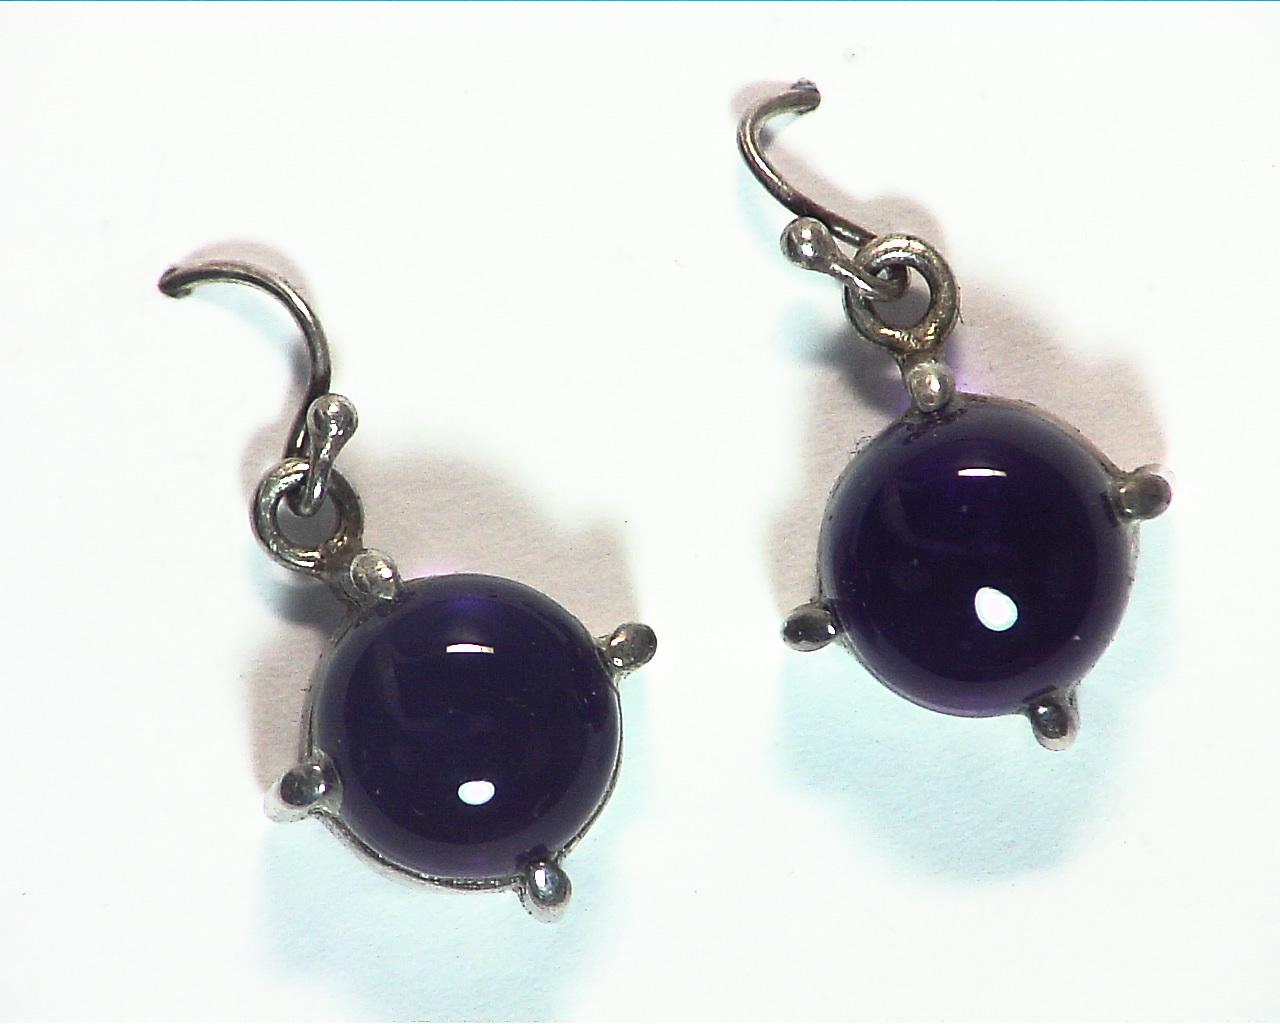 Amethyst cabochon Sterling silver drop earrings ESS,829 5